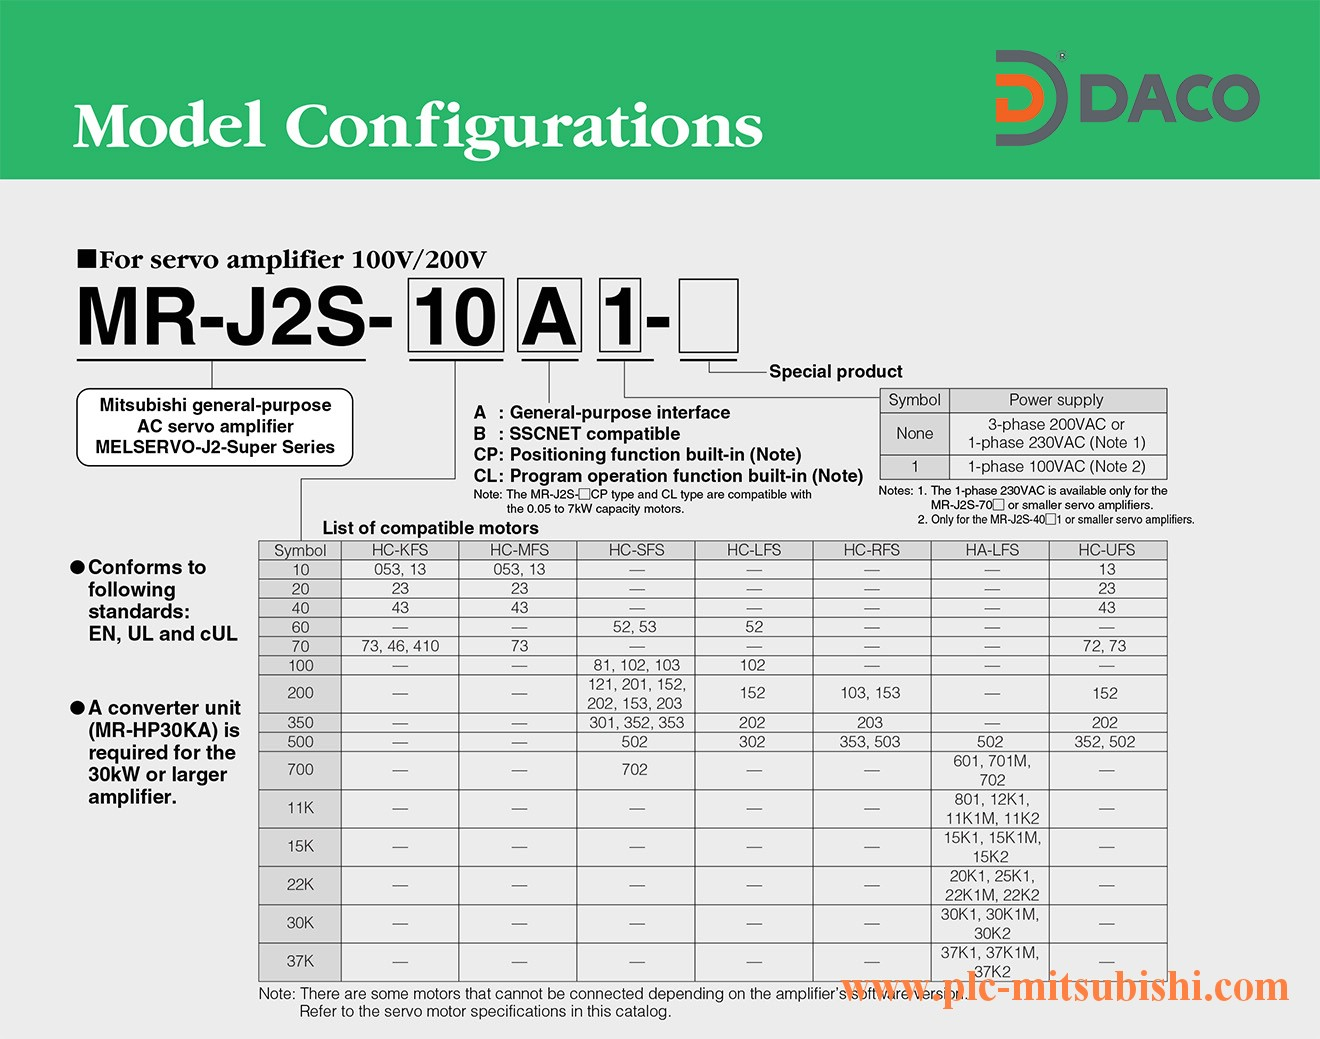 MR-J2S-A1-Model Configurations-Cau Hinh Bo Dieu Khien Servo Driver